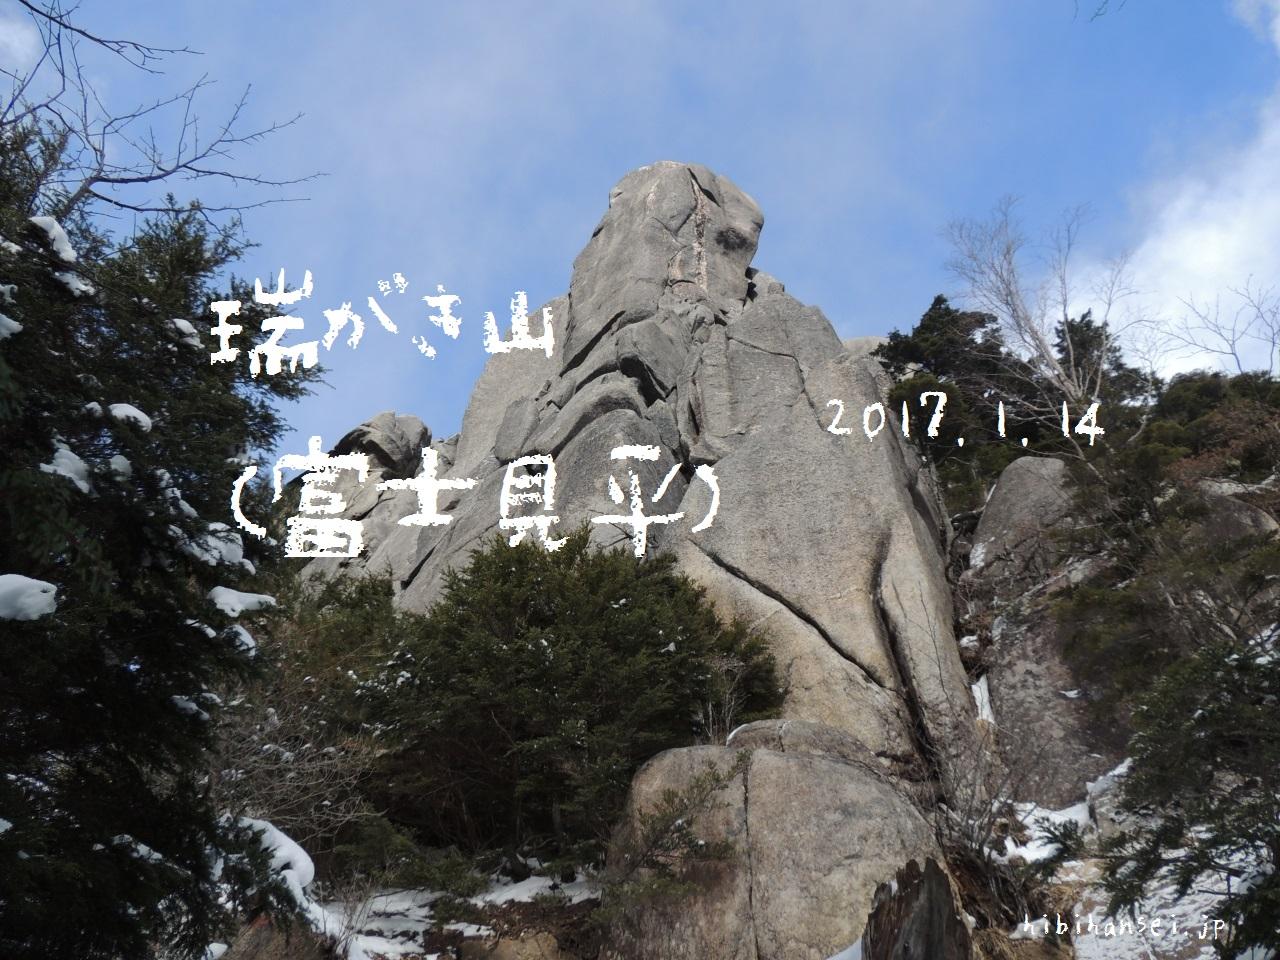 瑞牆山 雪山登山(富士見平) 静かな雪山でお日様を待ちぼうけ(2017.1.14)